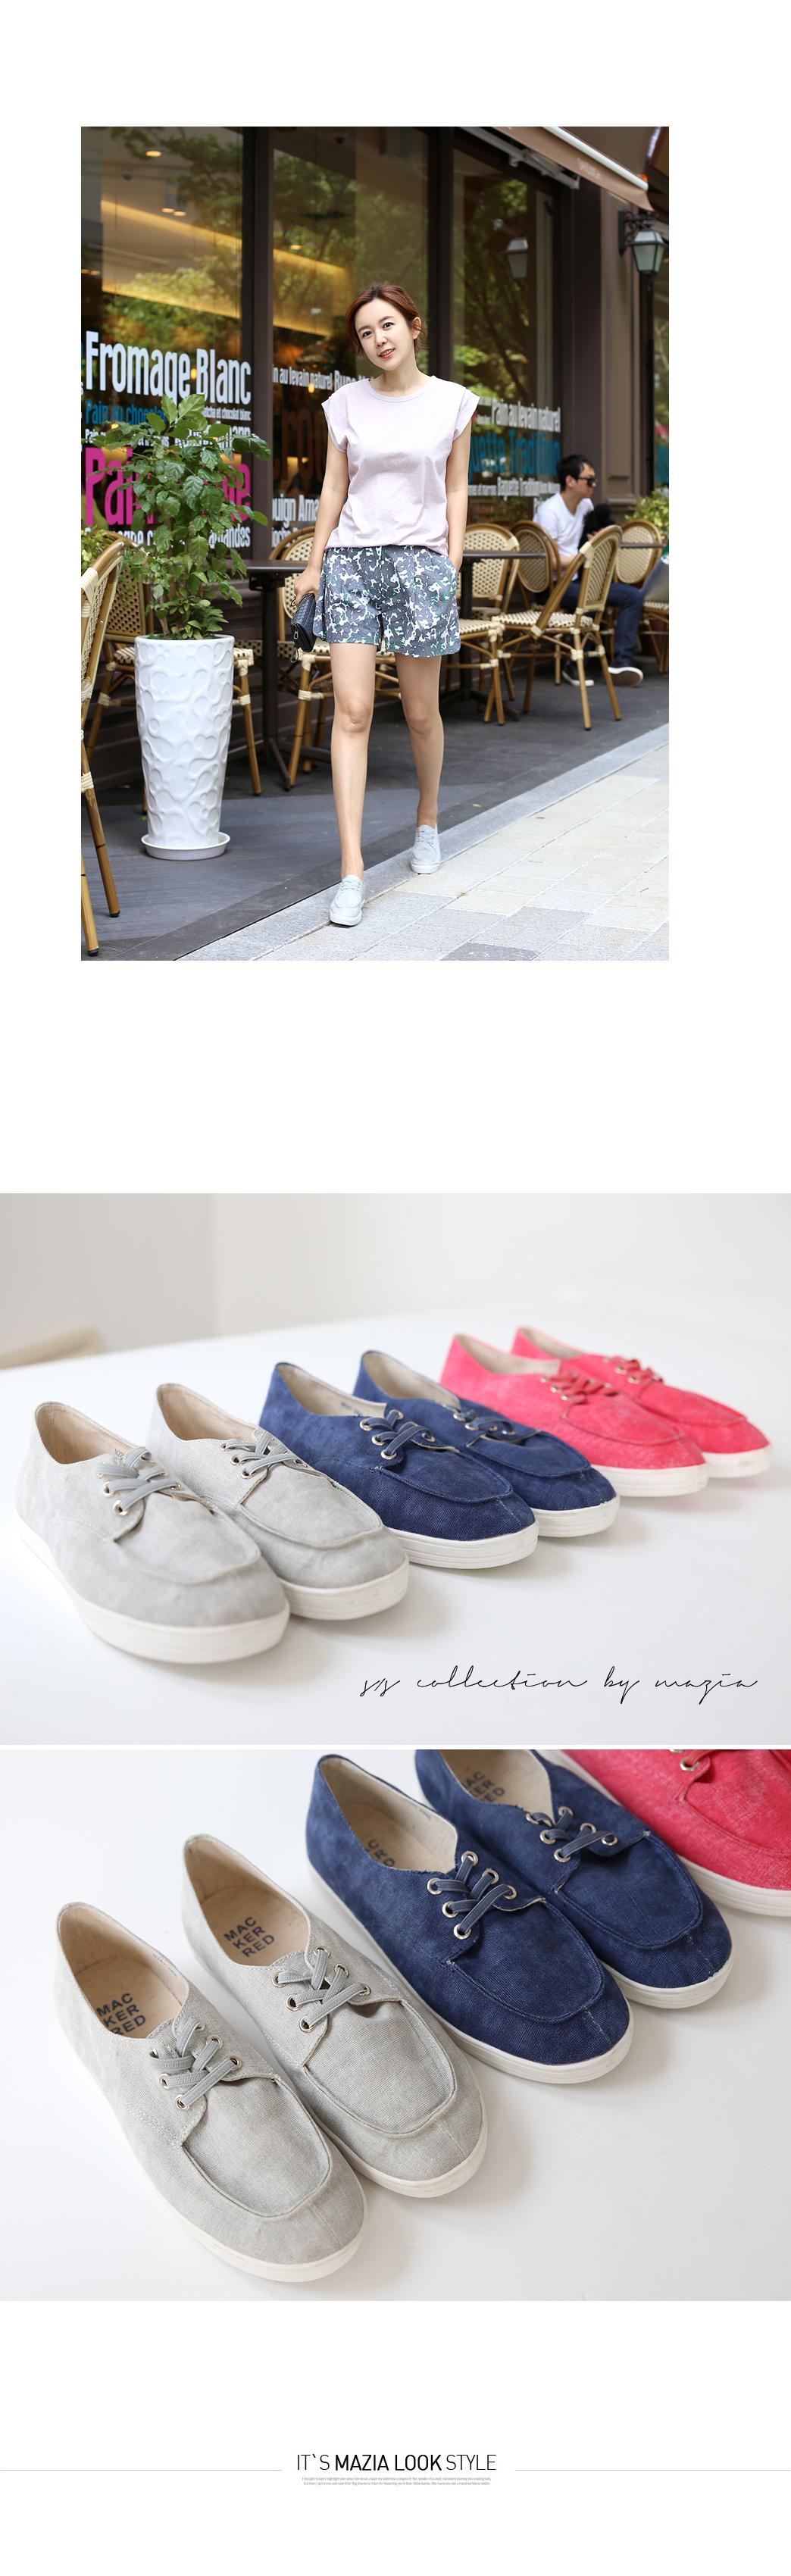 [토이 워싱 sneakers ]